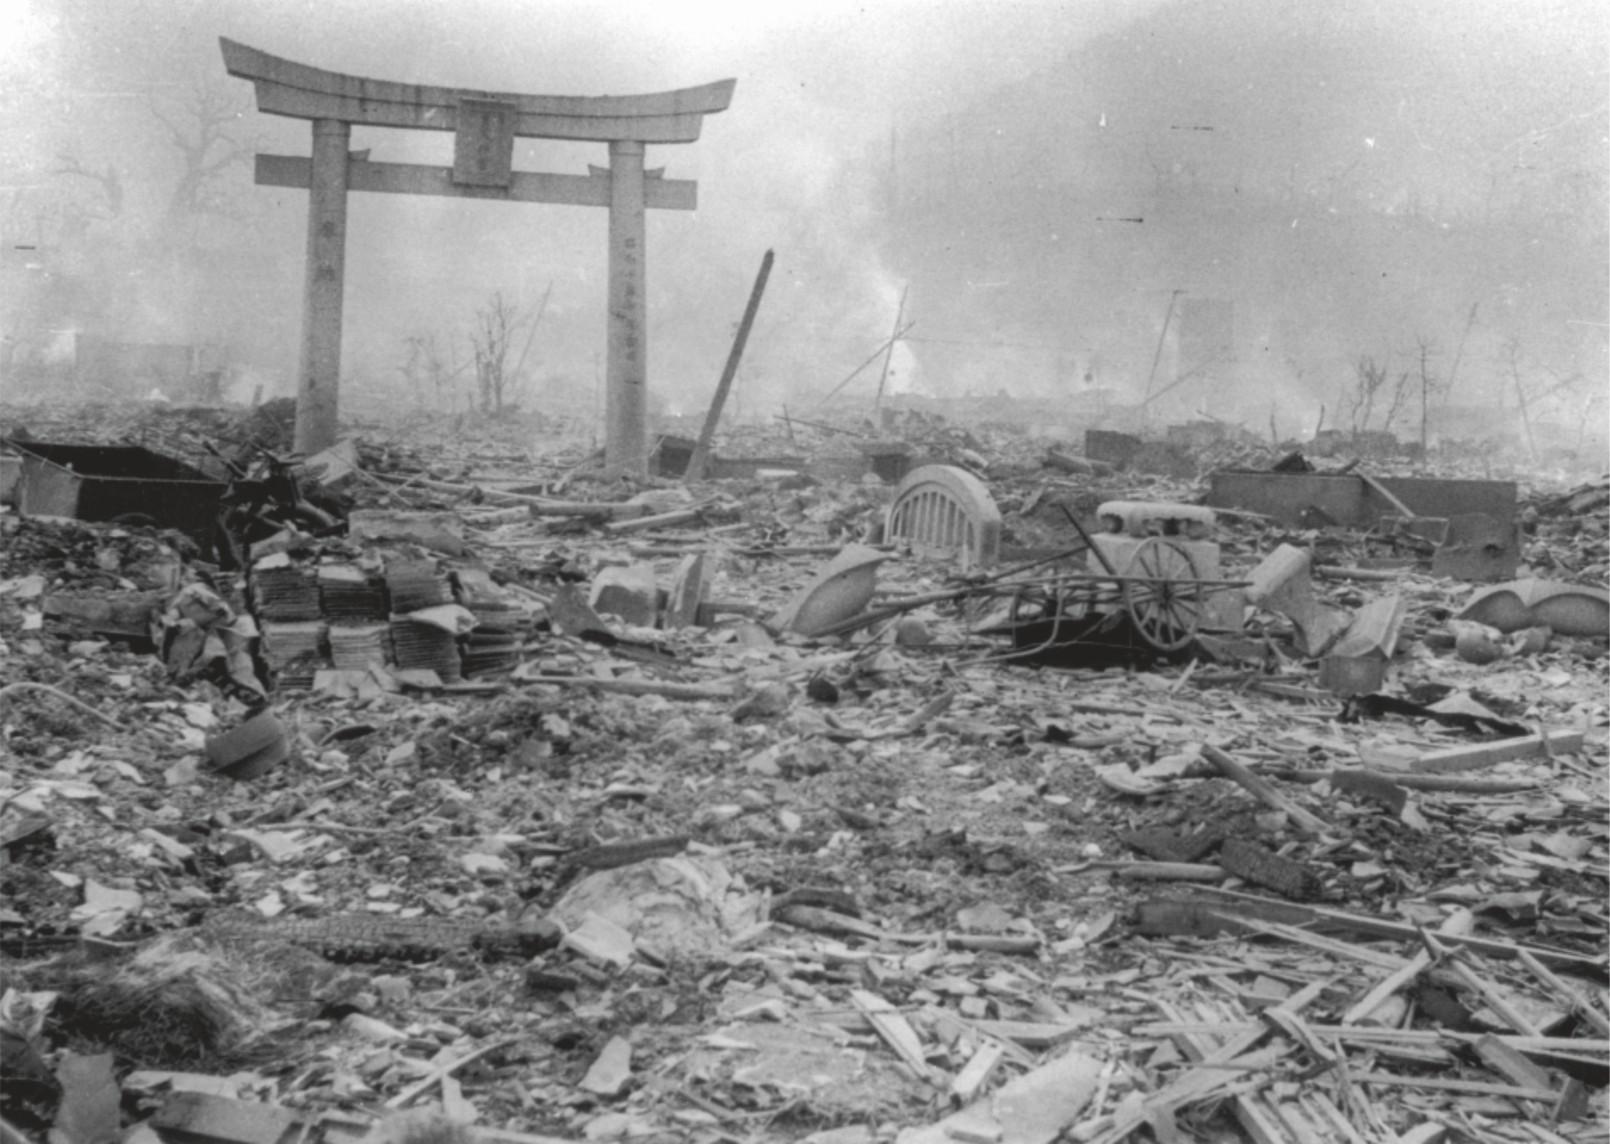 Почему бомбили именно Хиросиму и Нагасаки?